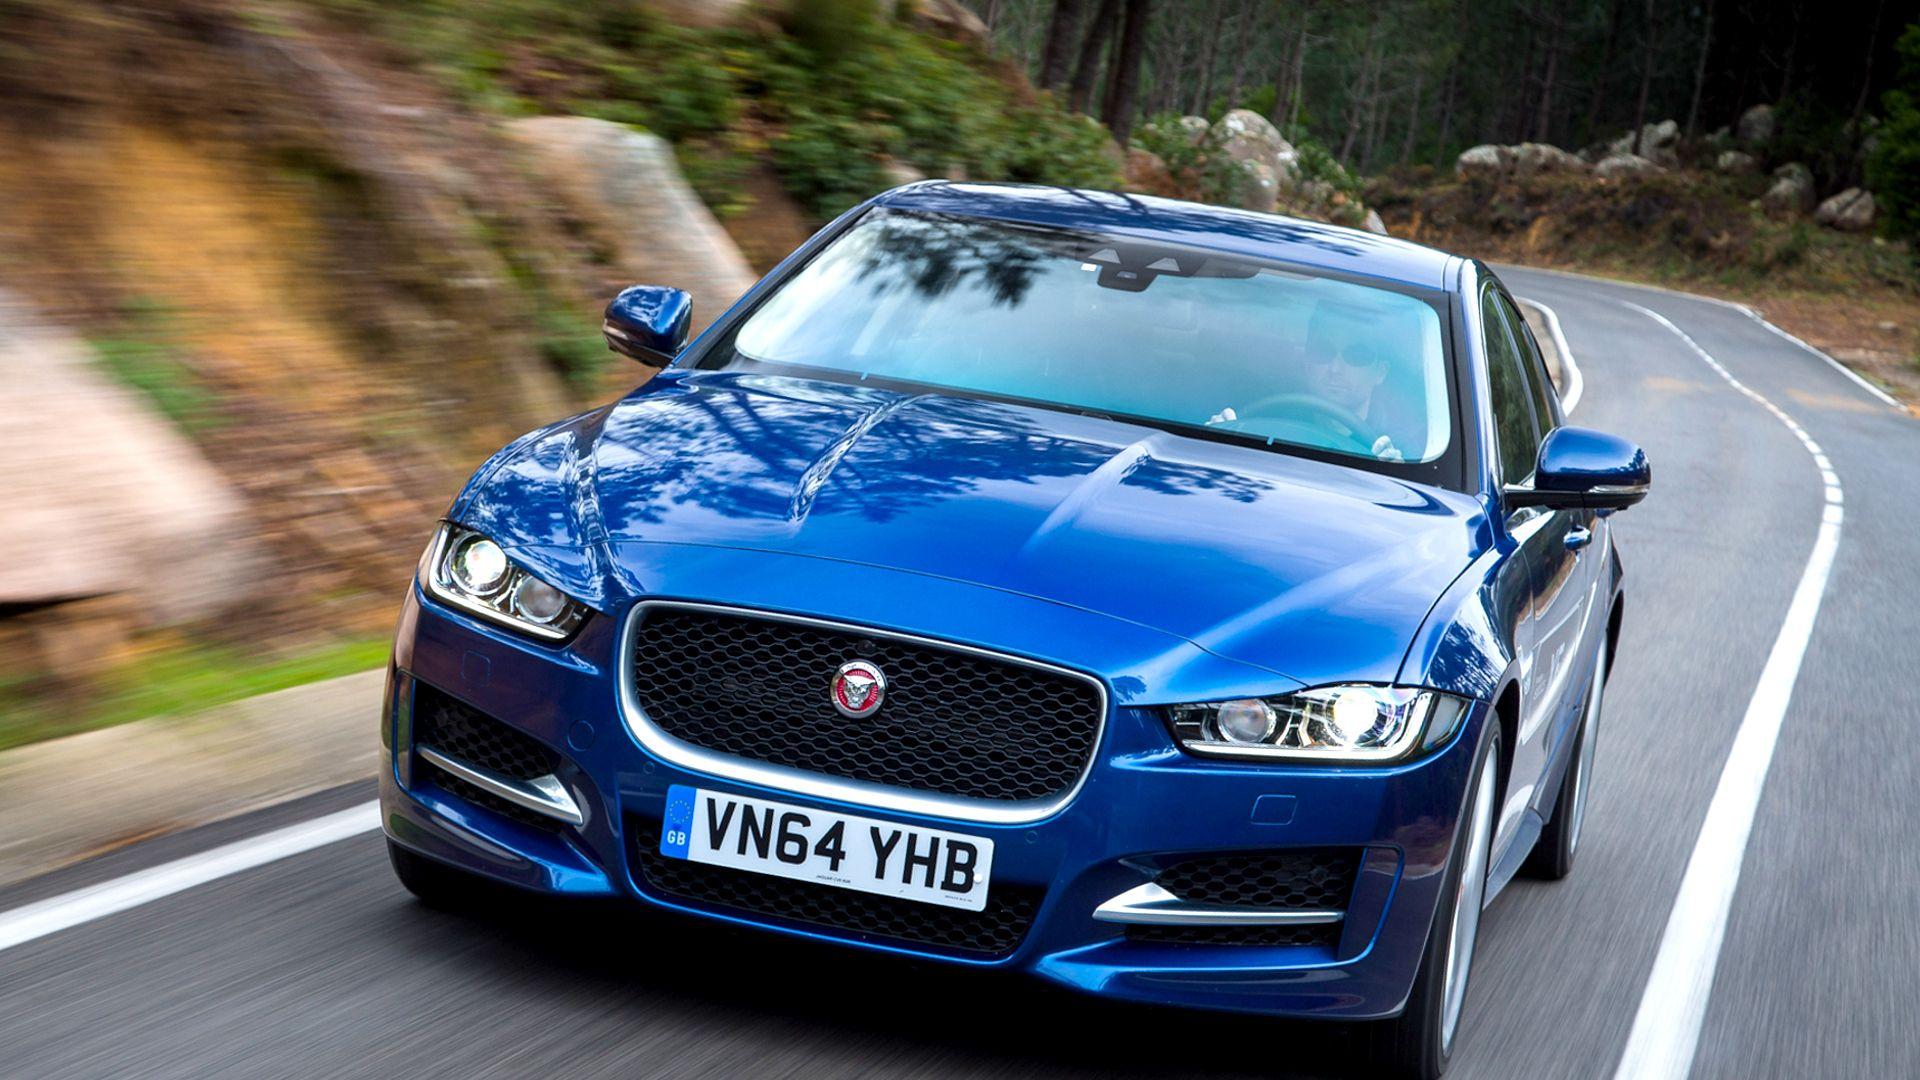 2019 jaguar xe review jaguar xe jaguar tata motors